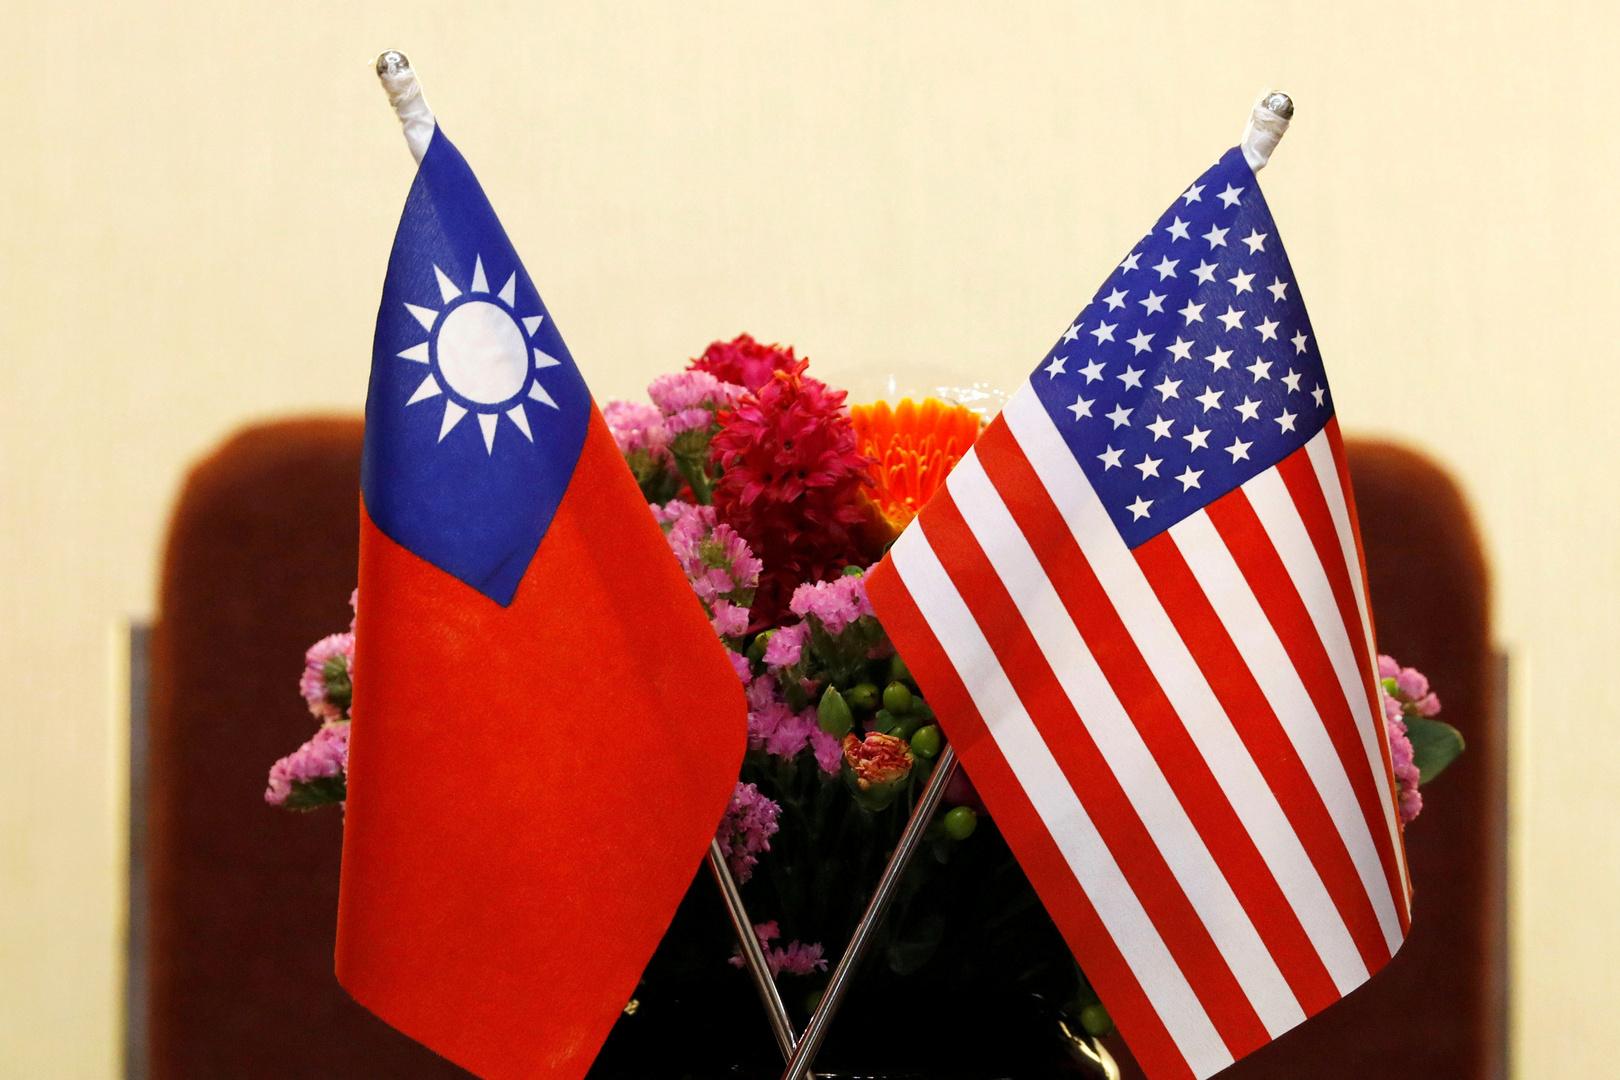 صفقة سلاح أمريكية لتايوان قد تثير غضب بكين